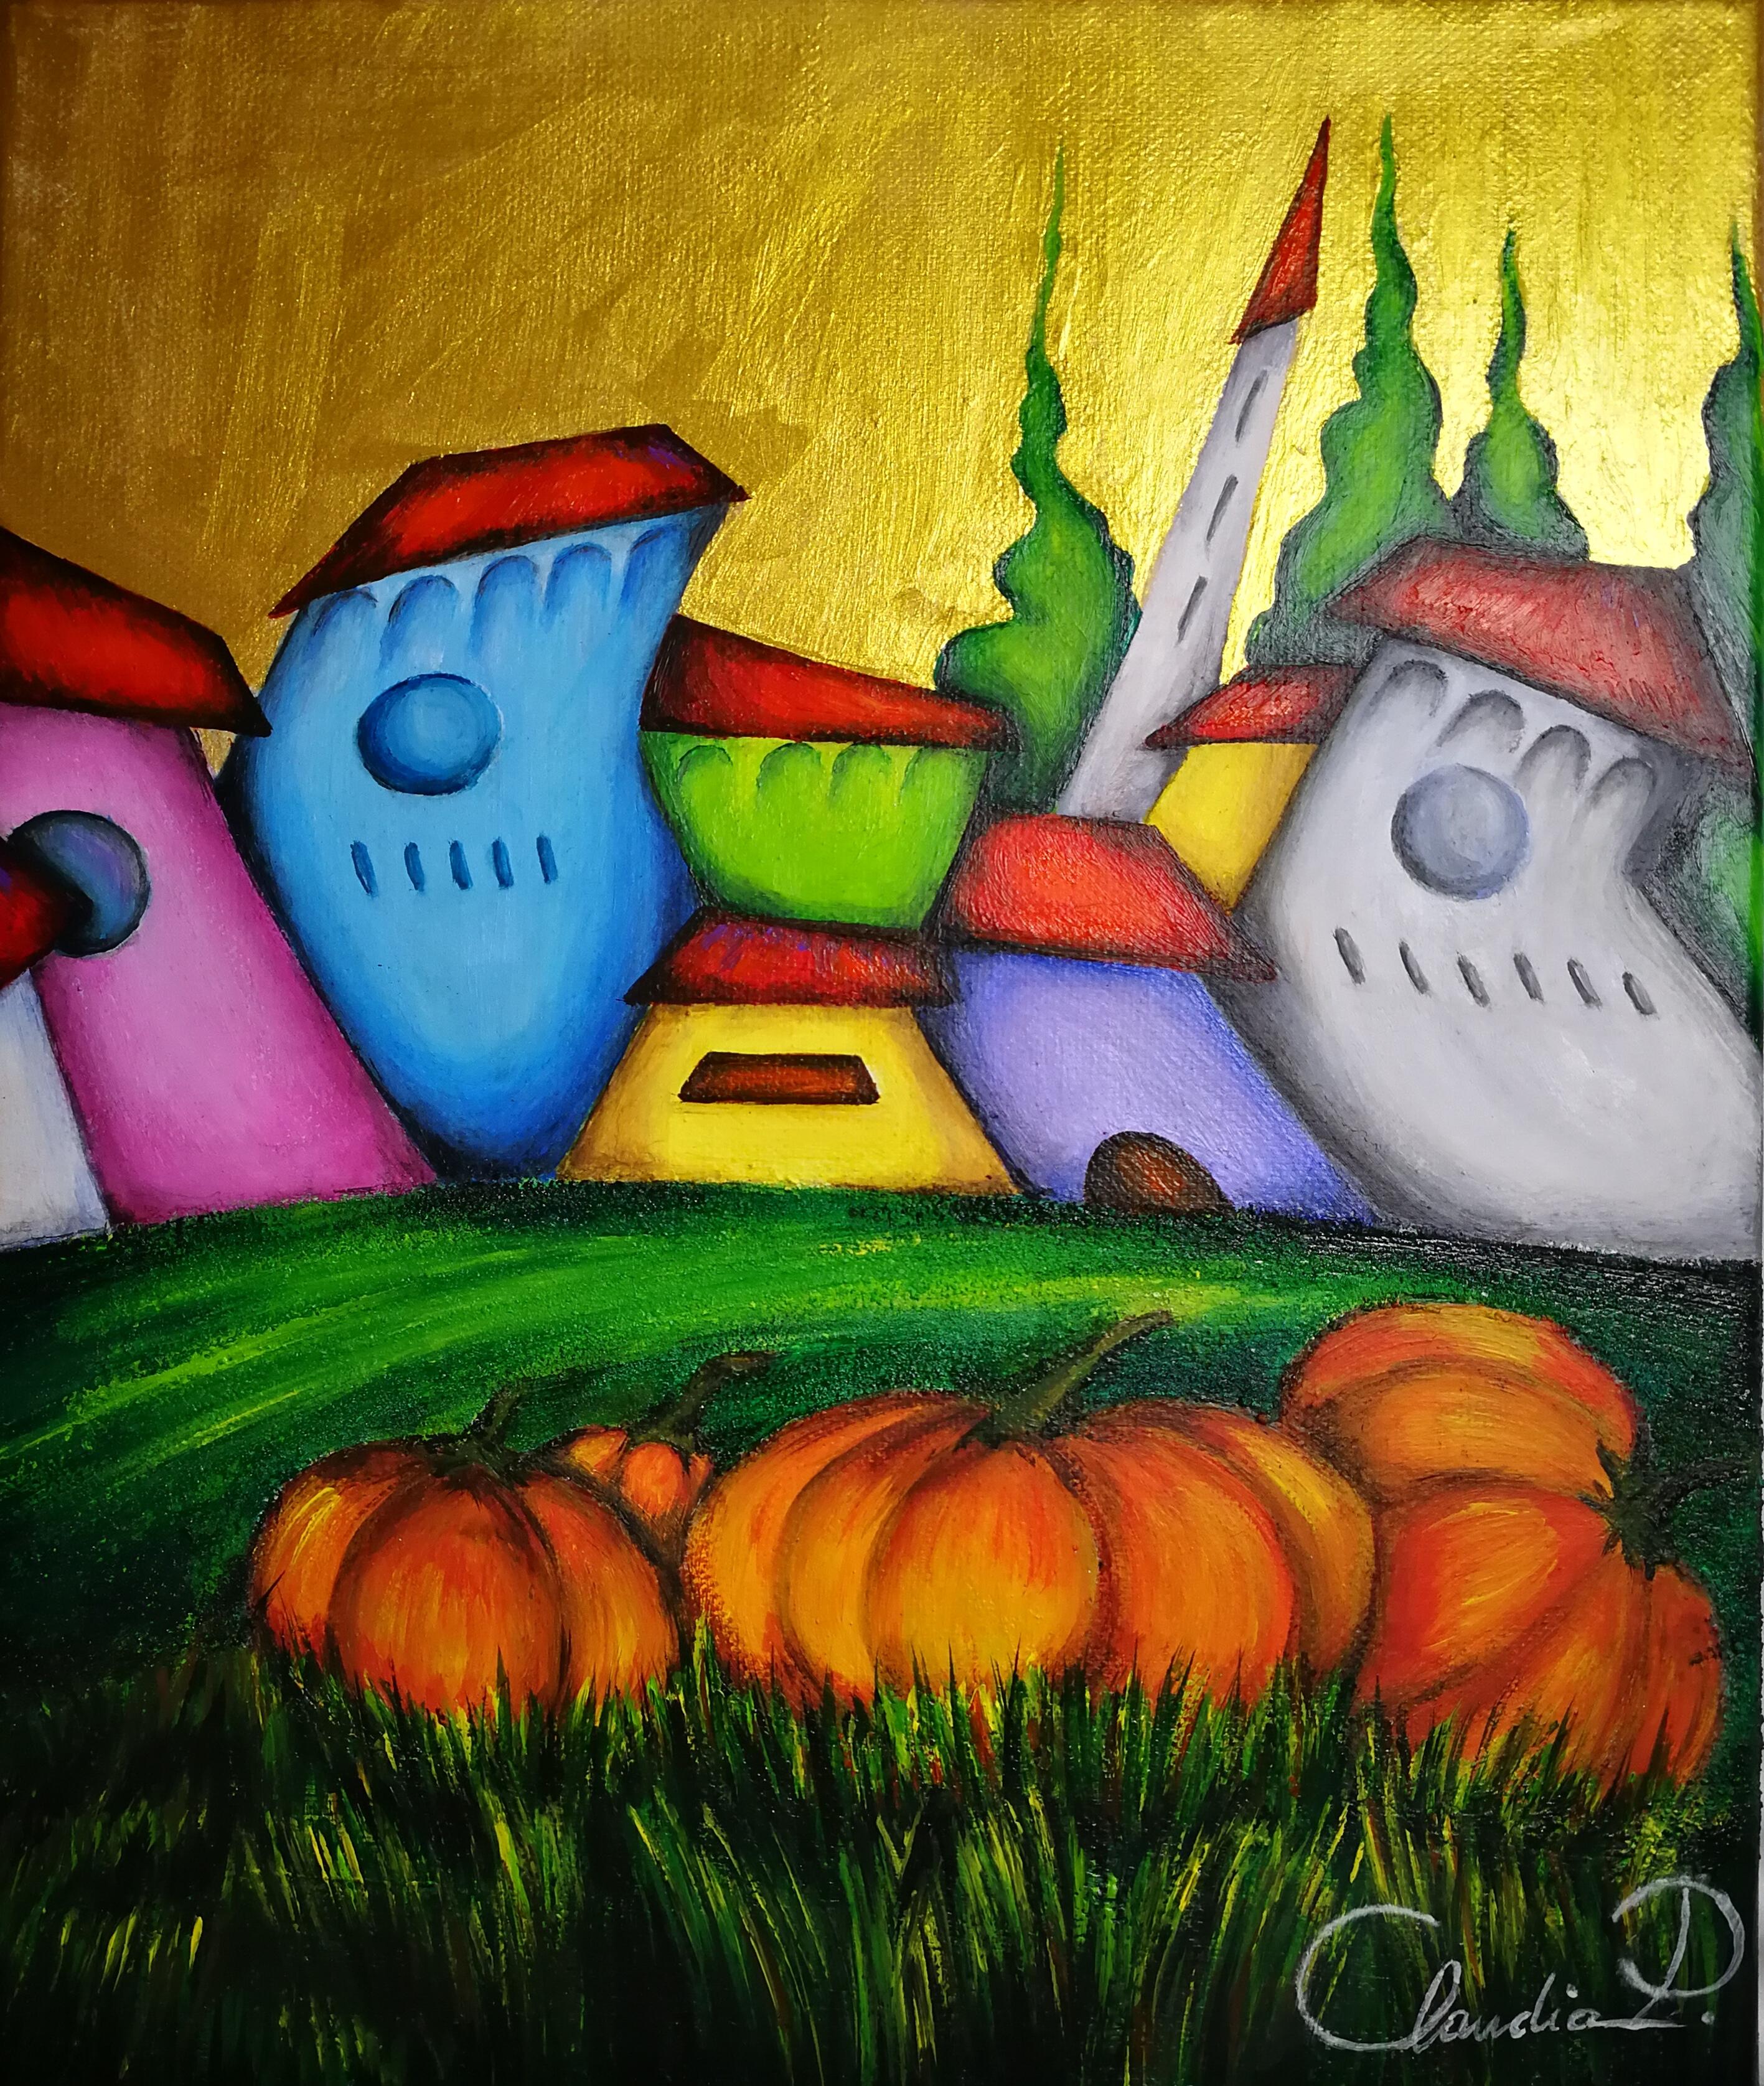 Autunno, dipinto di Claudia Pistola